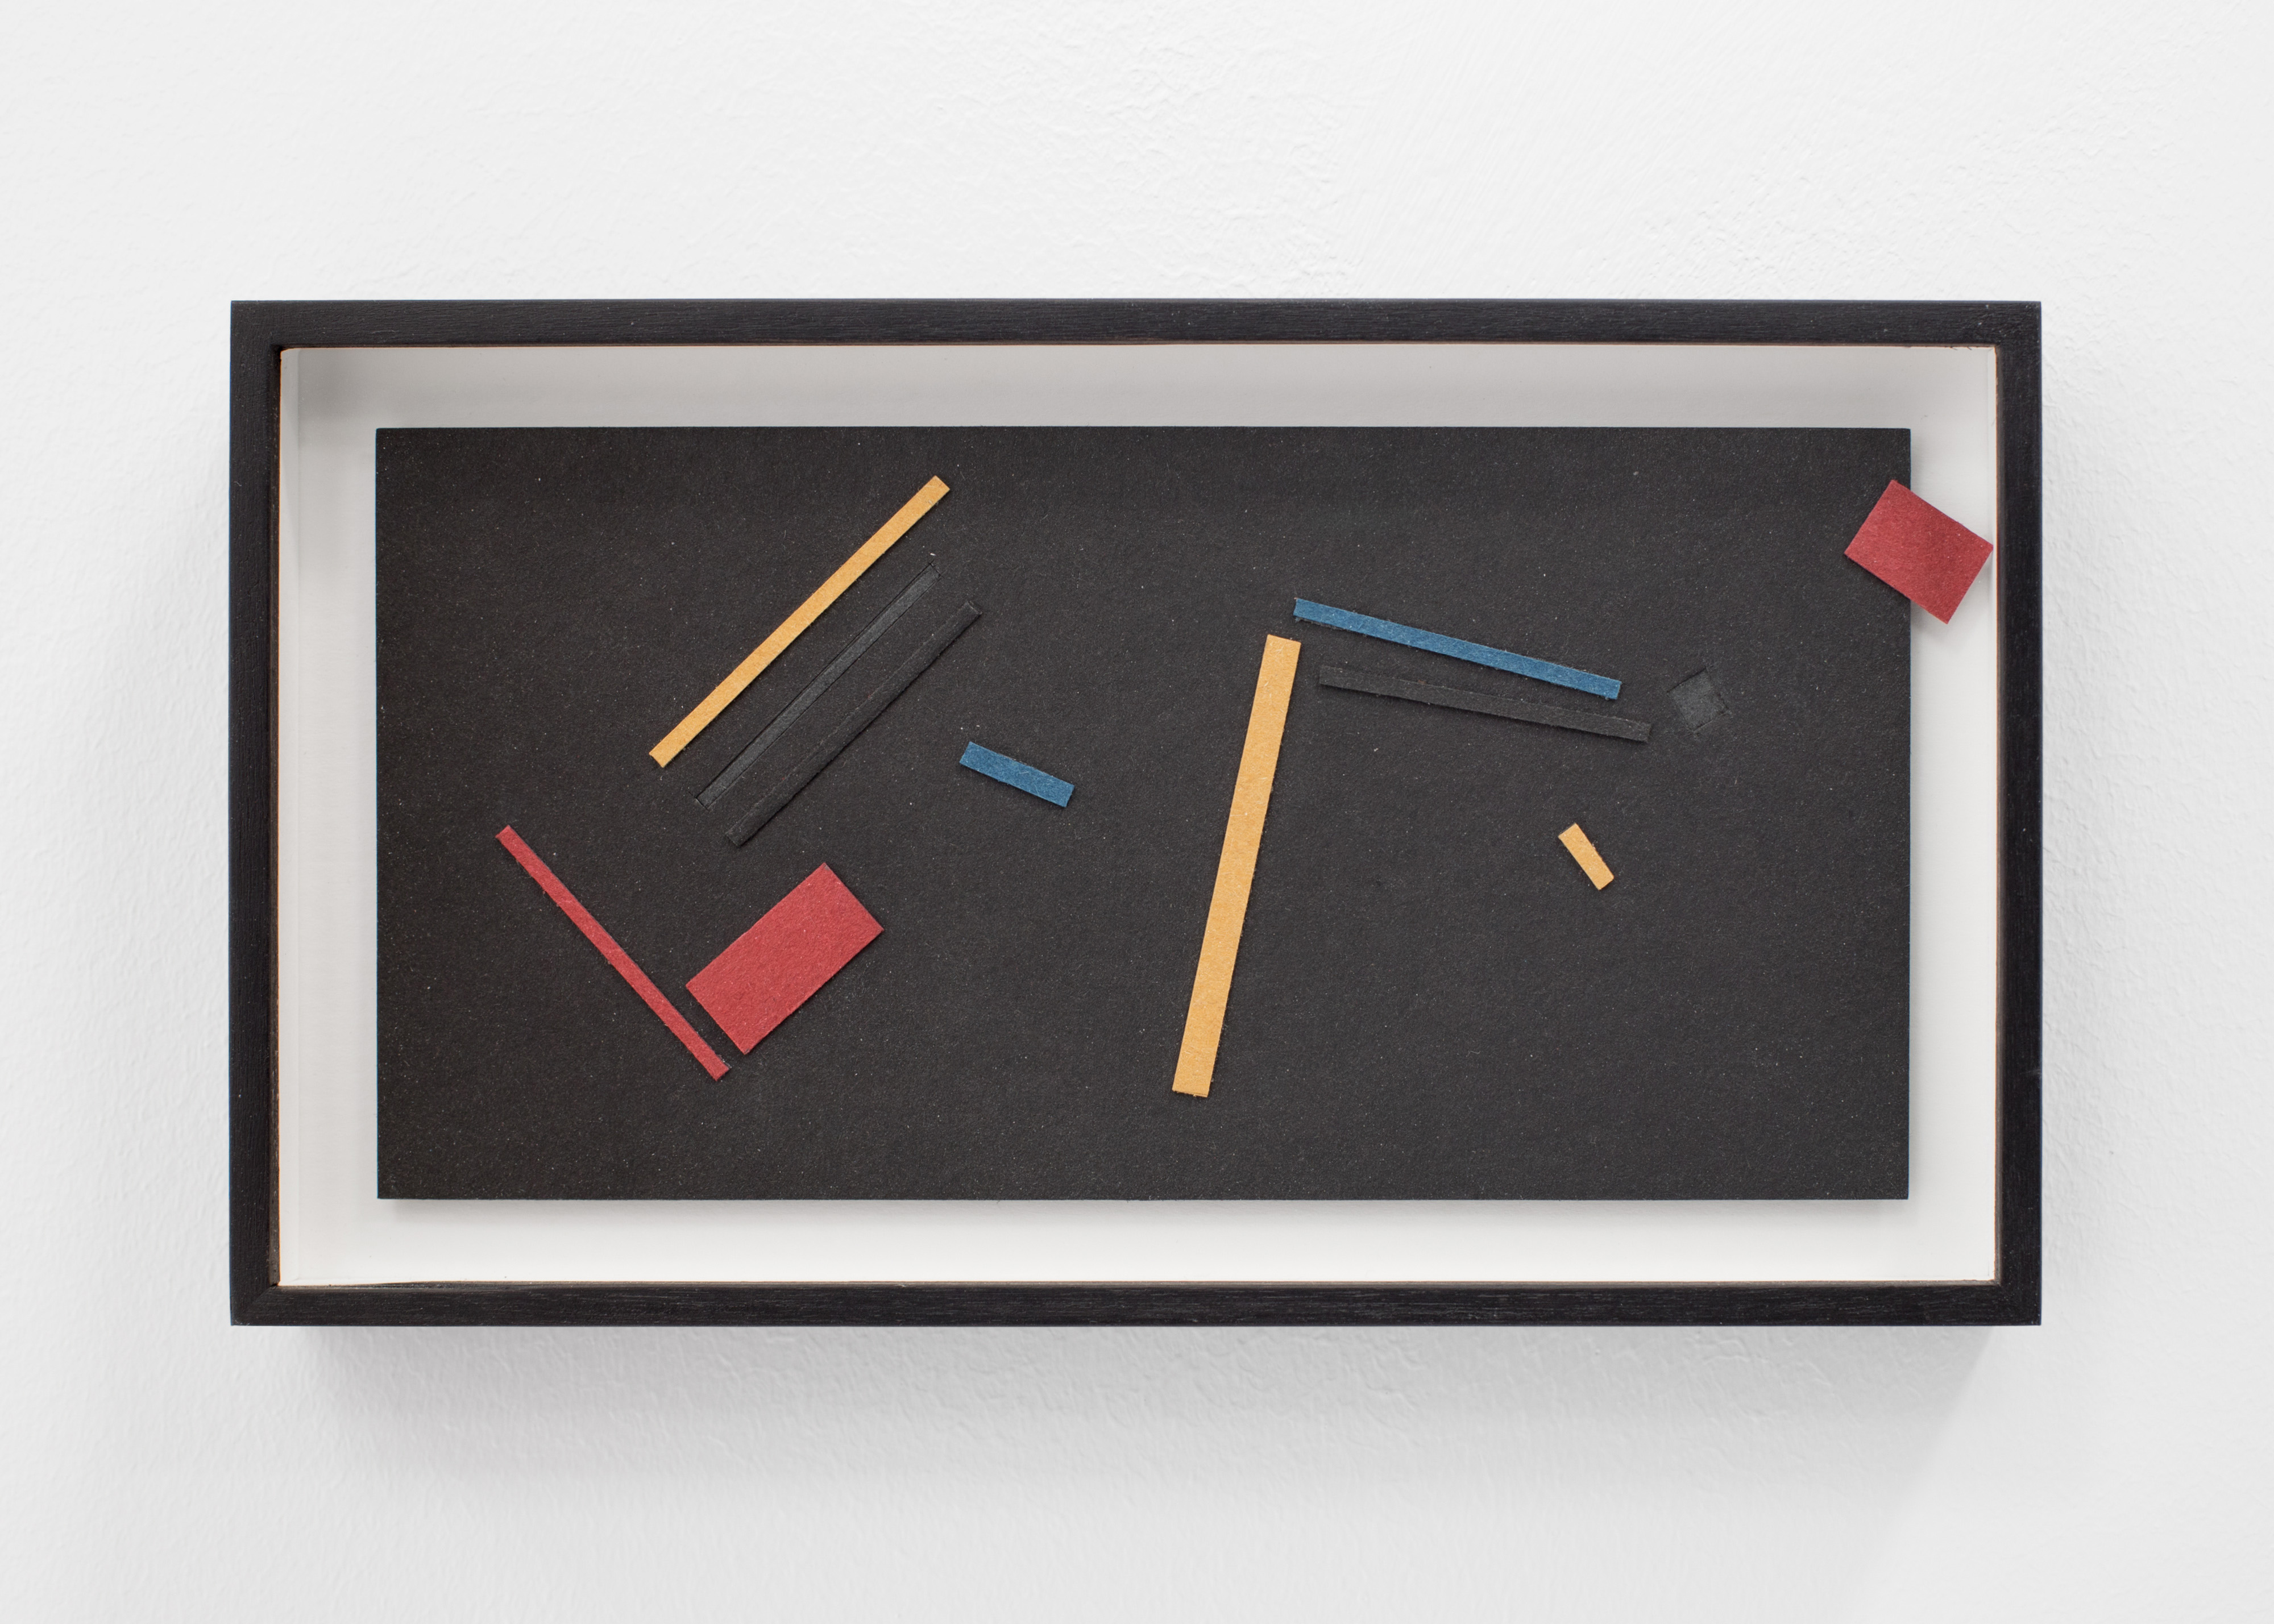 IRMA ÁLVAREZ LAVIADA S.T (Composición en rojo, azul y amarillo sobre negro 1), 2021, Irma Álvarez-Laviada: TODO SE PARECE A ALGO , L21, 14 May – 23 June. Courtesy: L21 Gallery